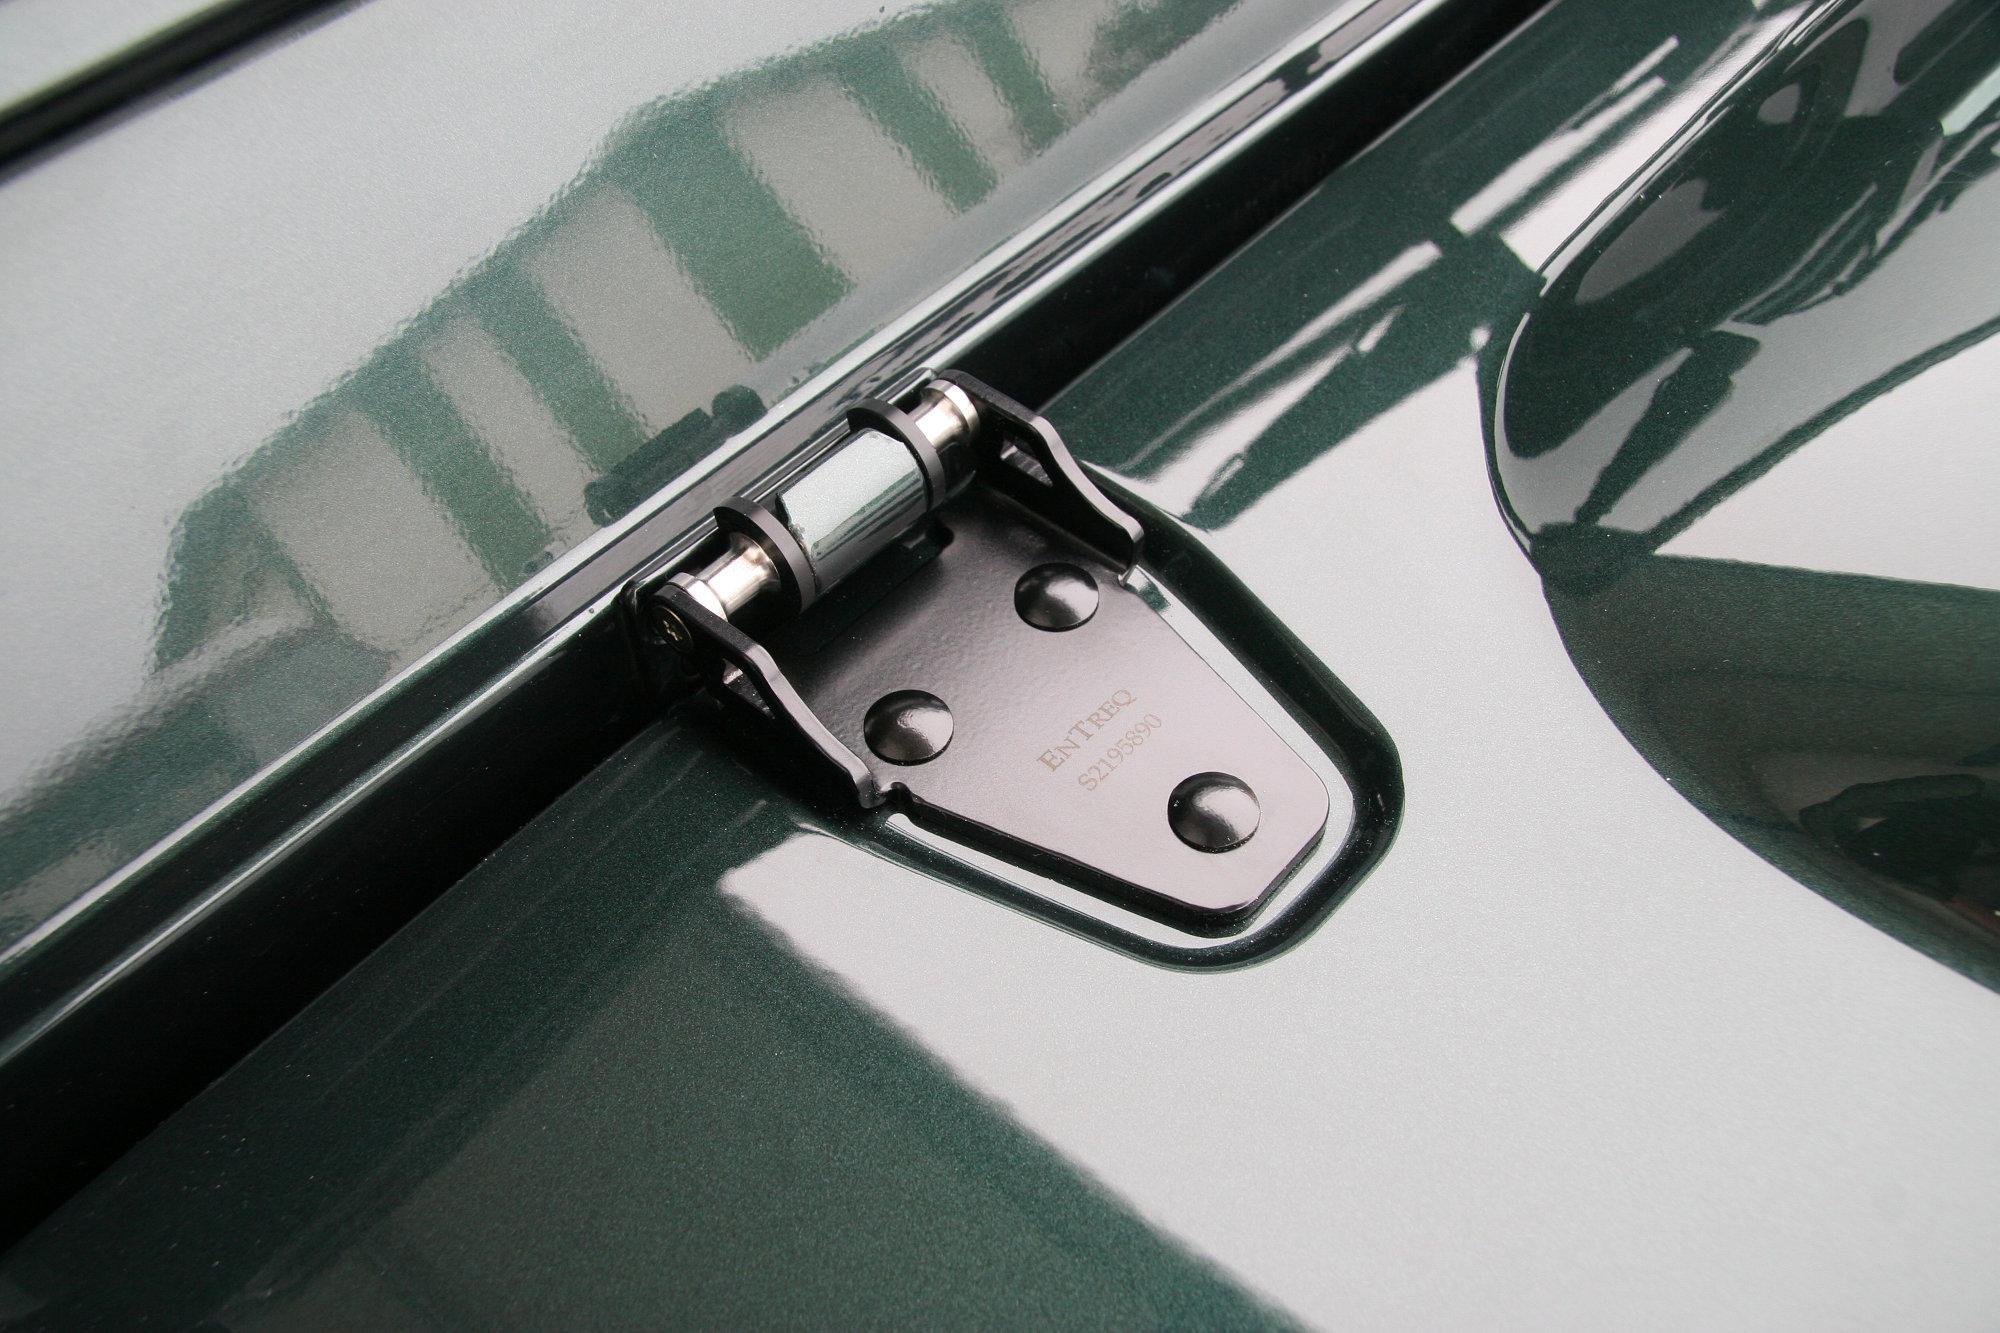 Haubenscharnier Land Rover Defender.003